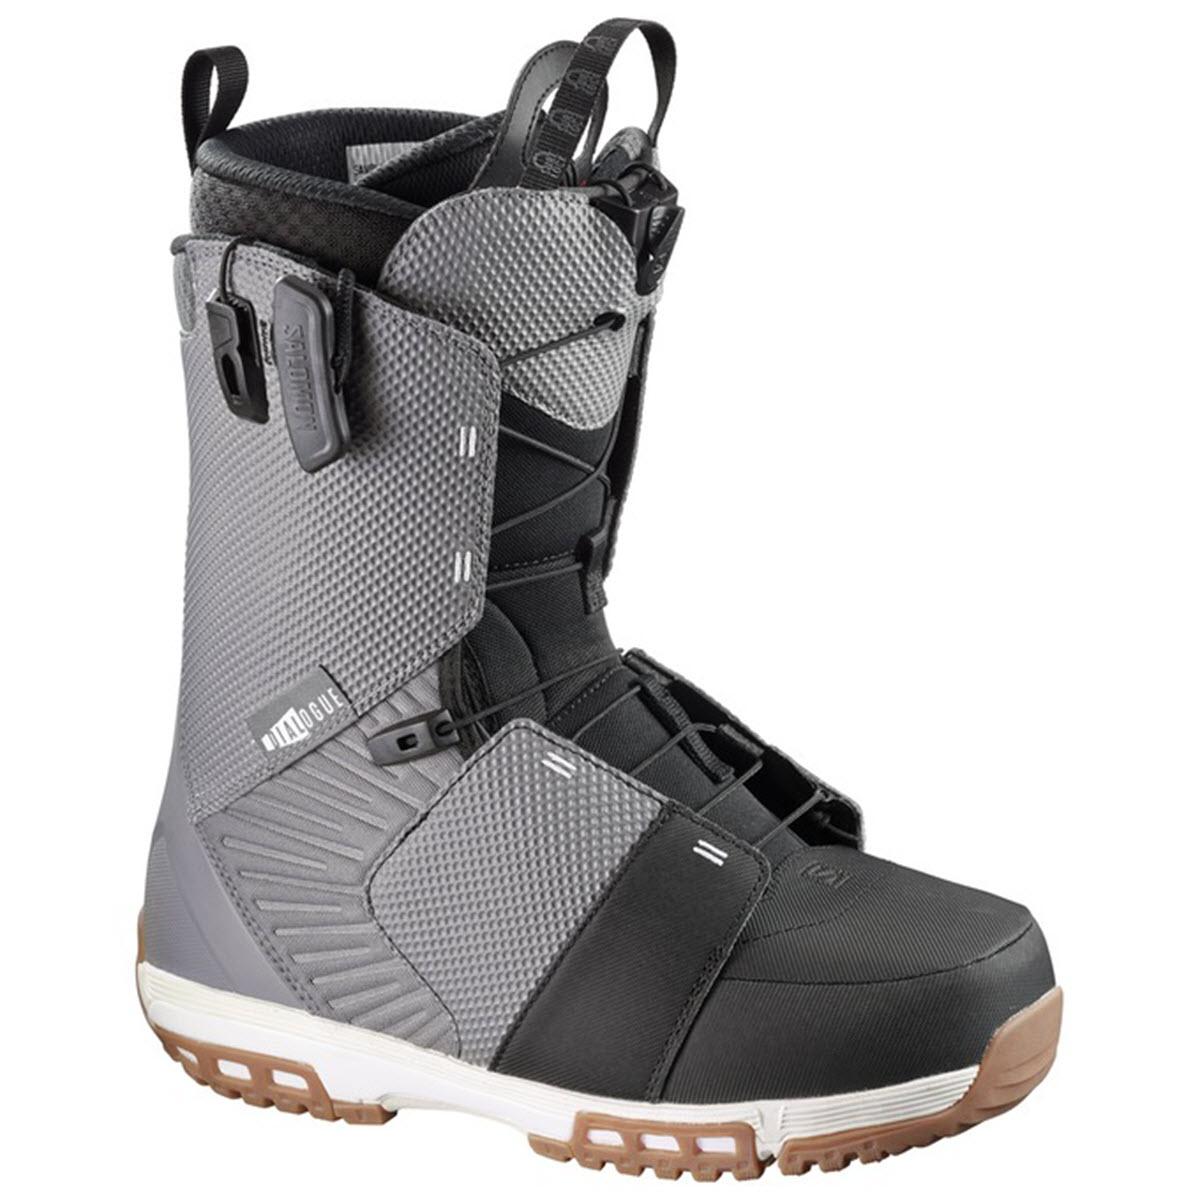 Salomon Dialogue Snowboard Boots Detroit UK 13.5 review